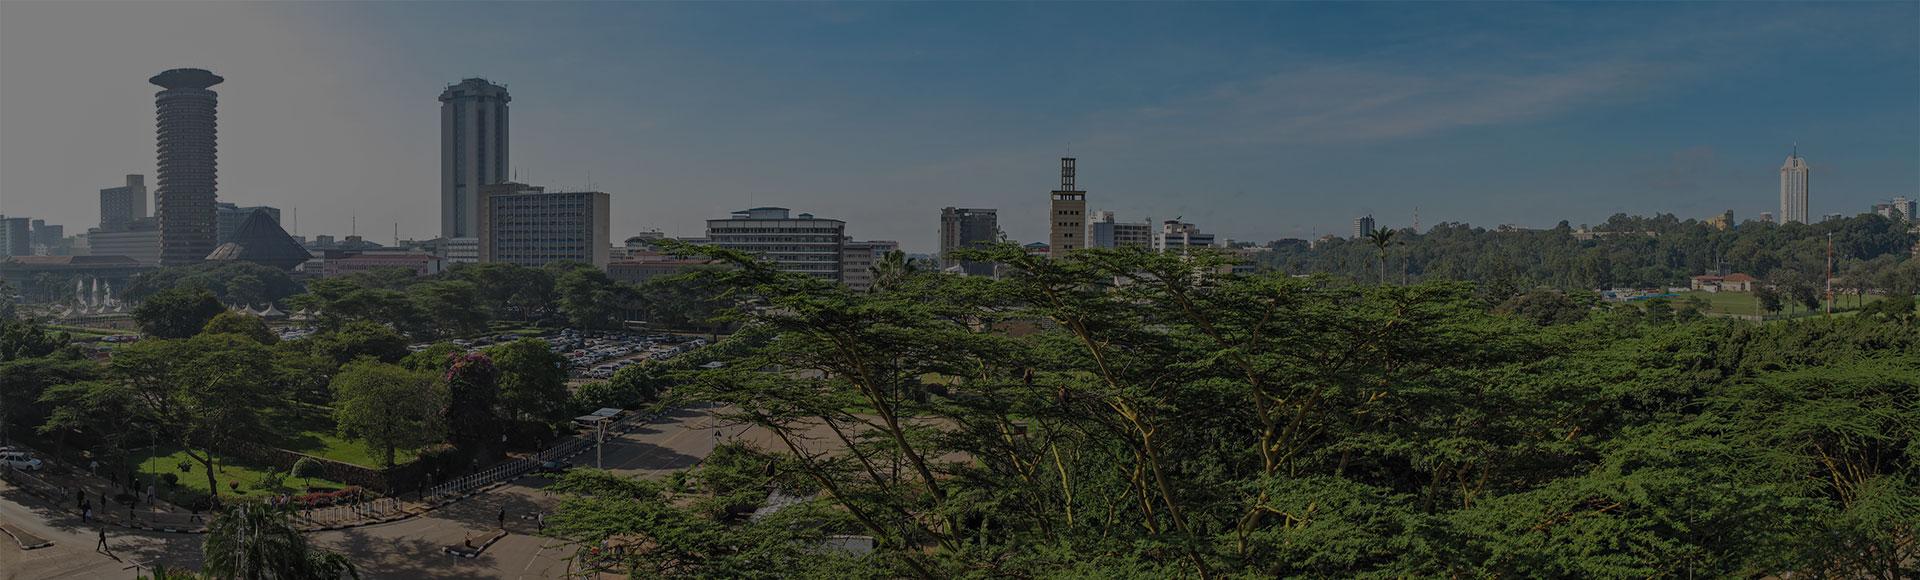 Xenex_Africa_slide4